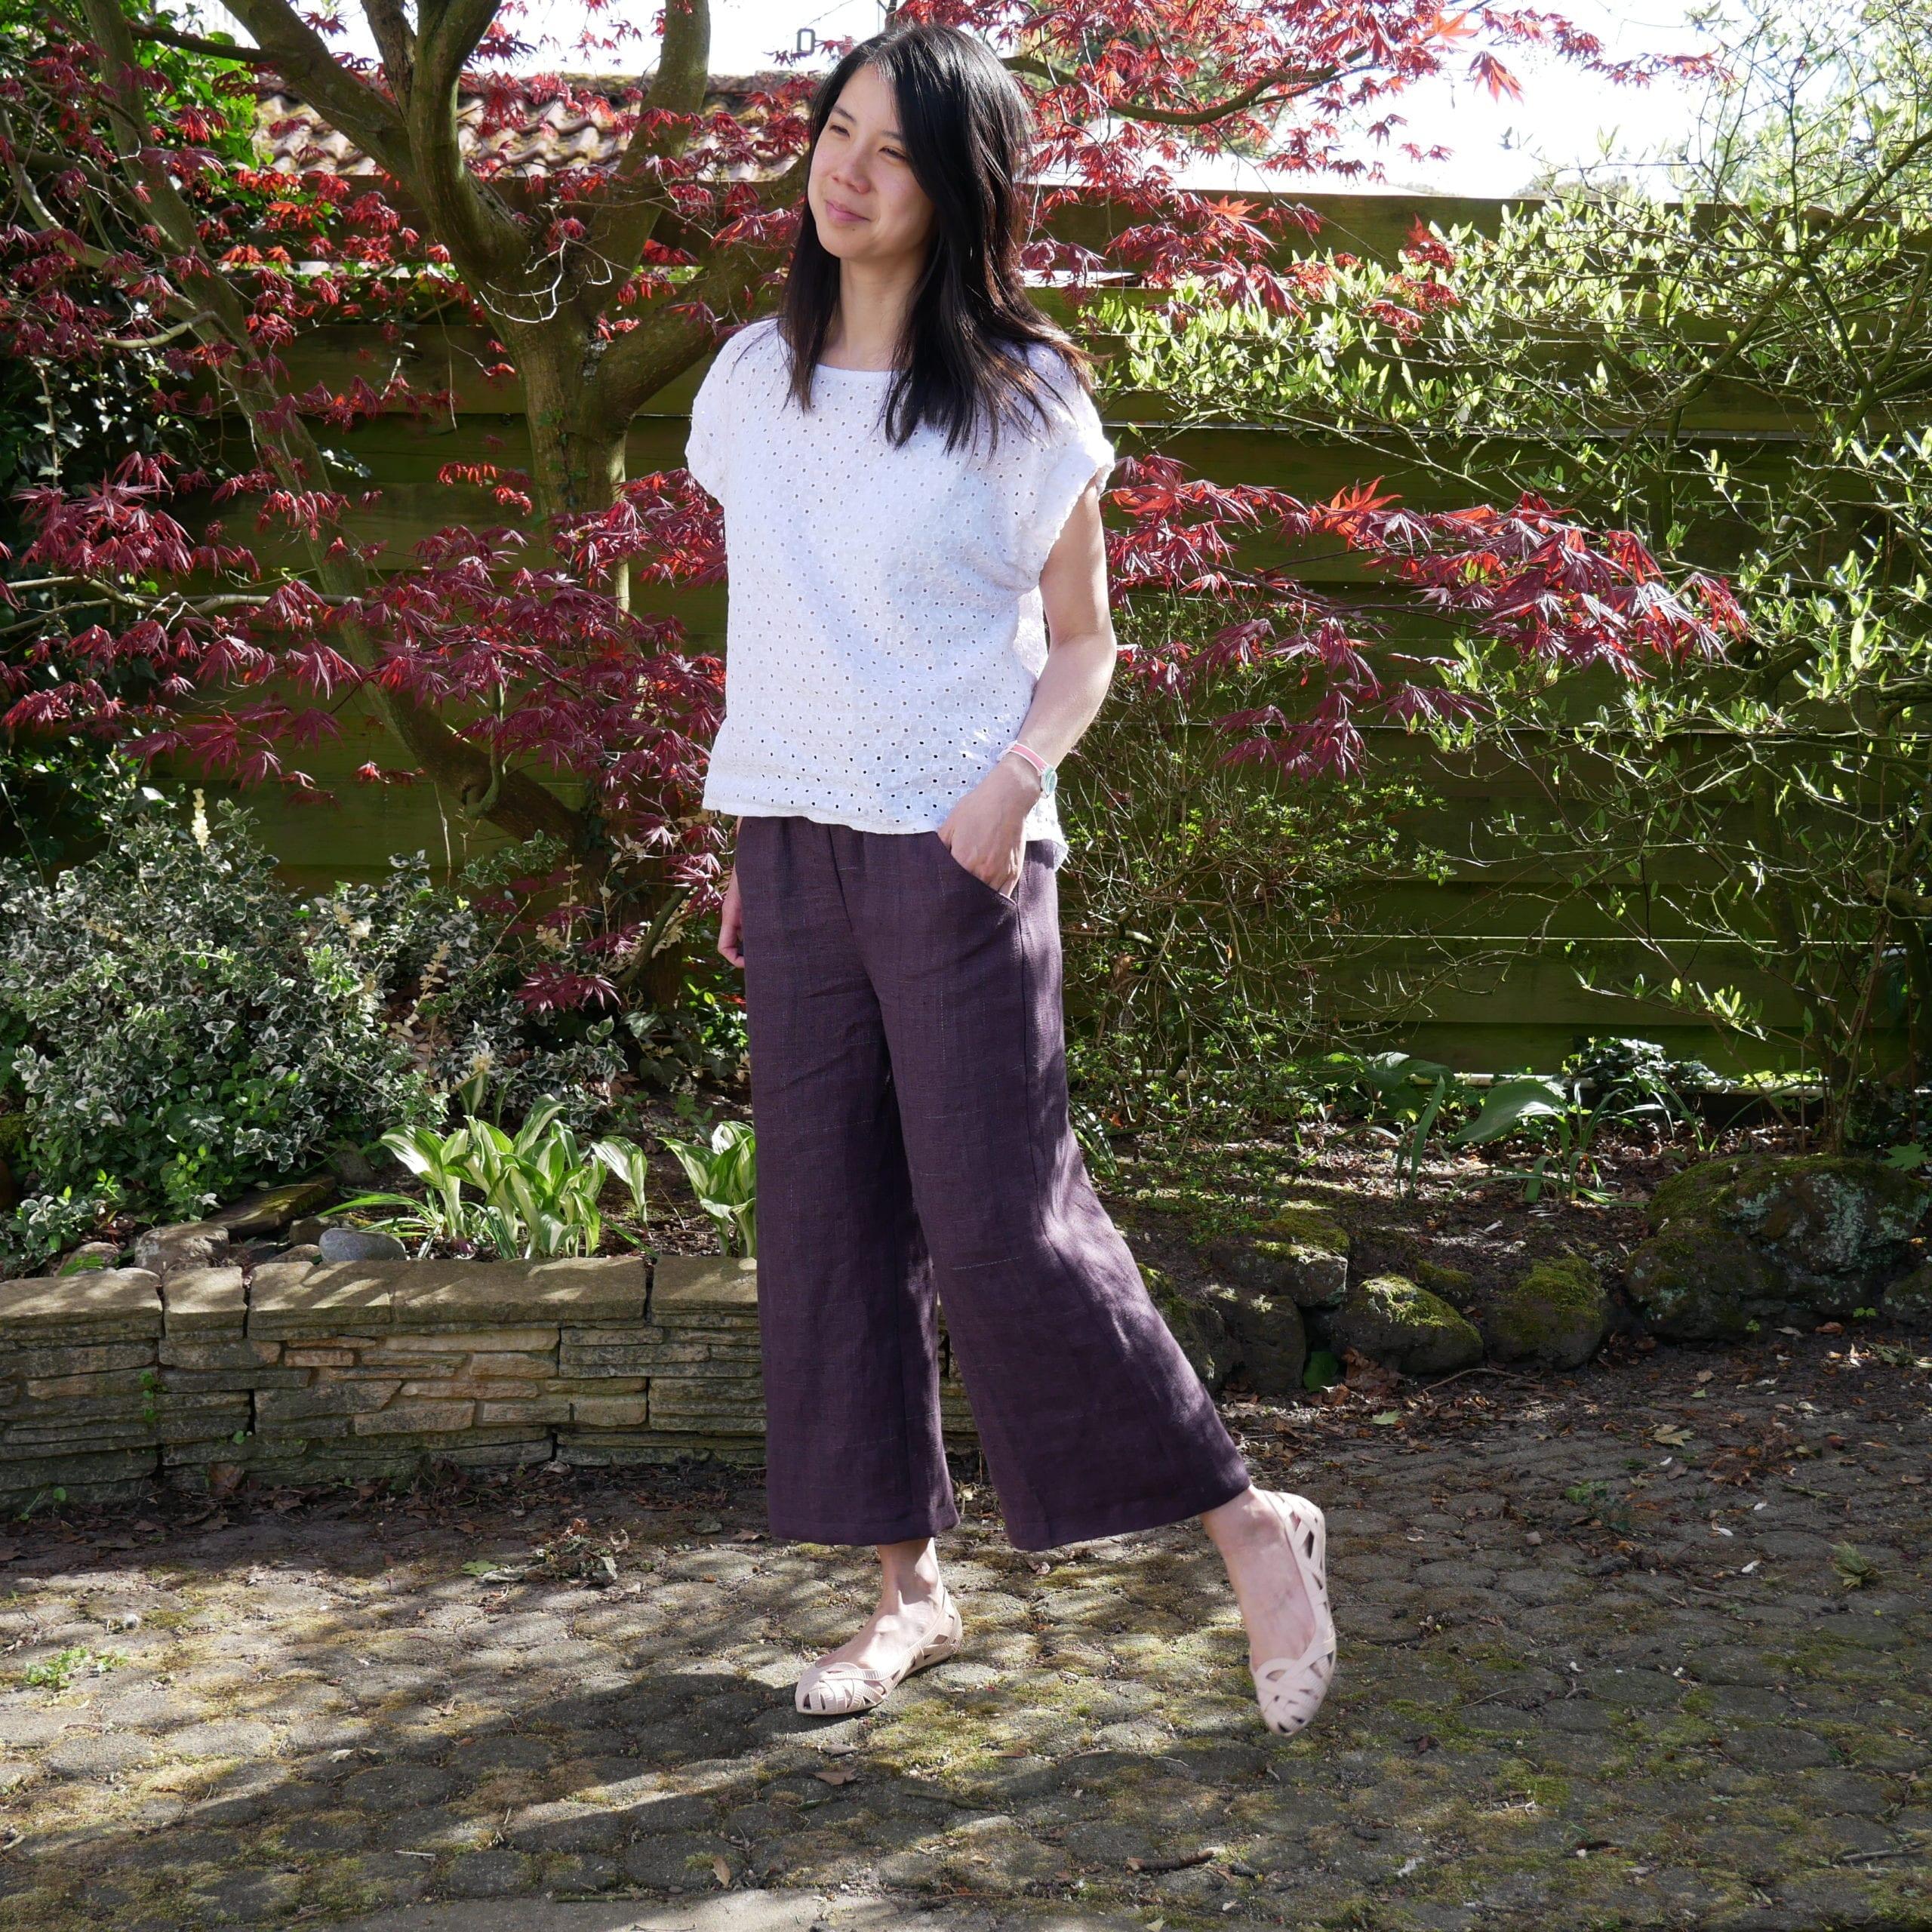 Kate wears a Fibre Mood Frances - white linen eyelet blouse - and Fibre Mood Benita - mulberry coloured linen pants